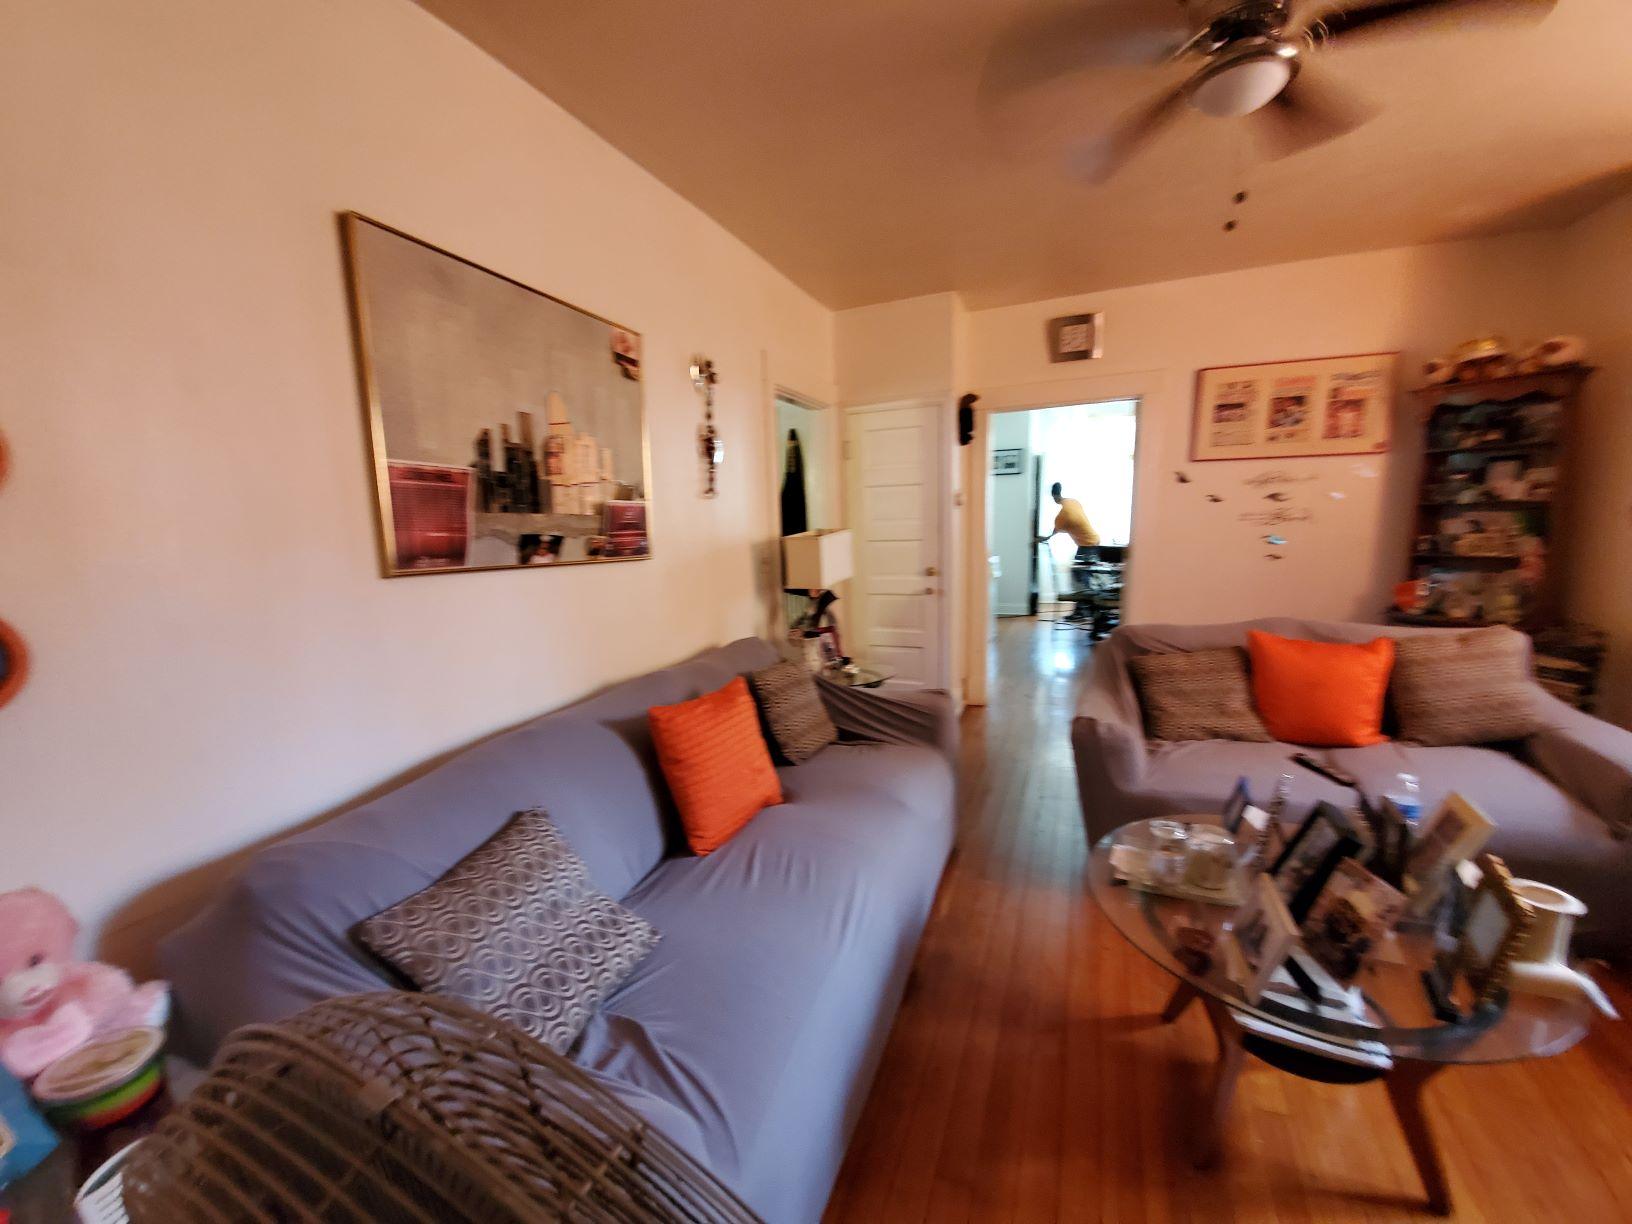 3457 Craig Ave (Image - 2)